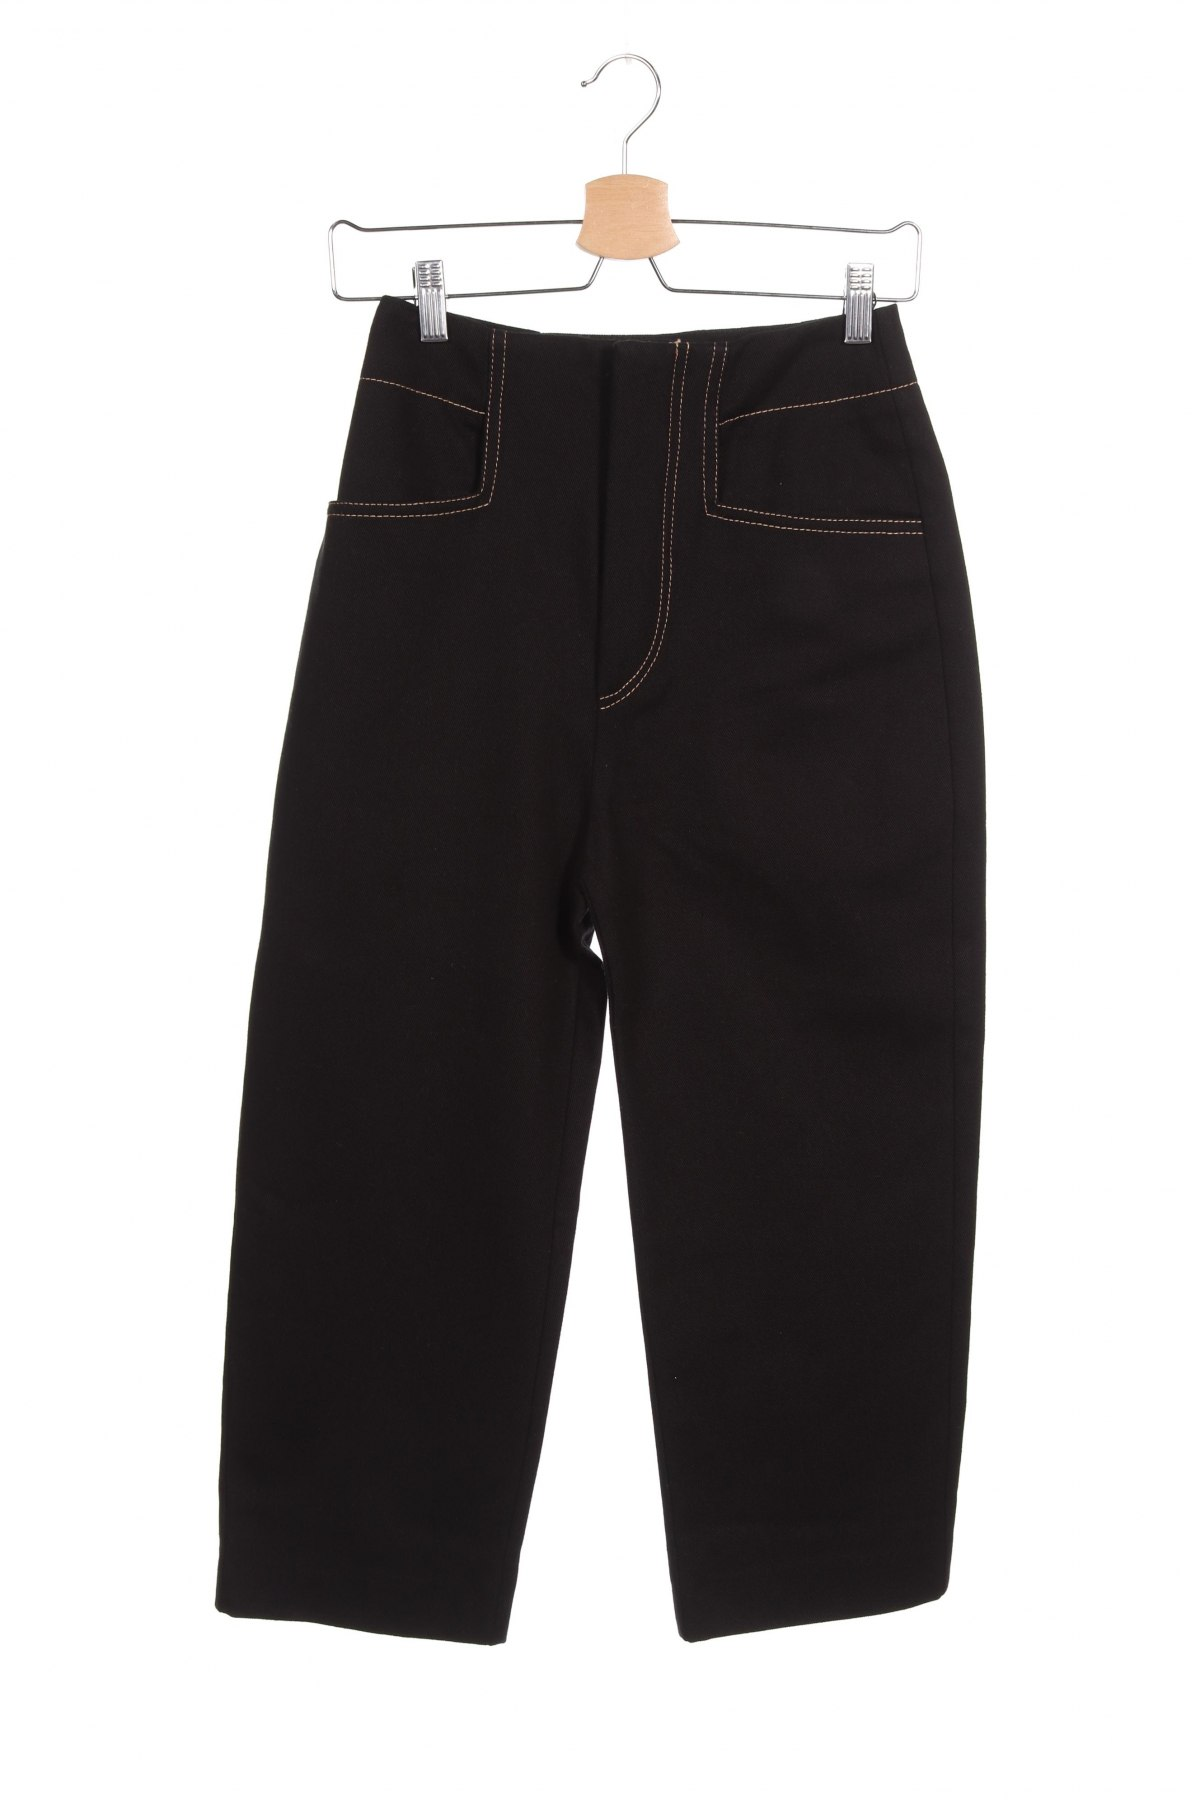 Дамски панталон Mango, Размер S, Цвят Черен, Памук, Цена 44,25лв.